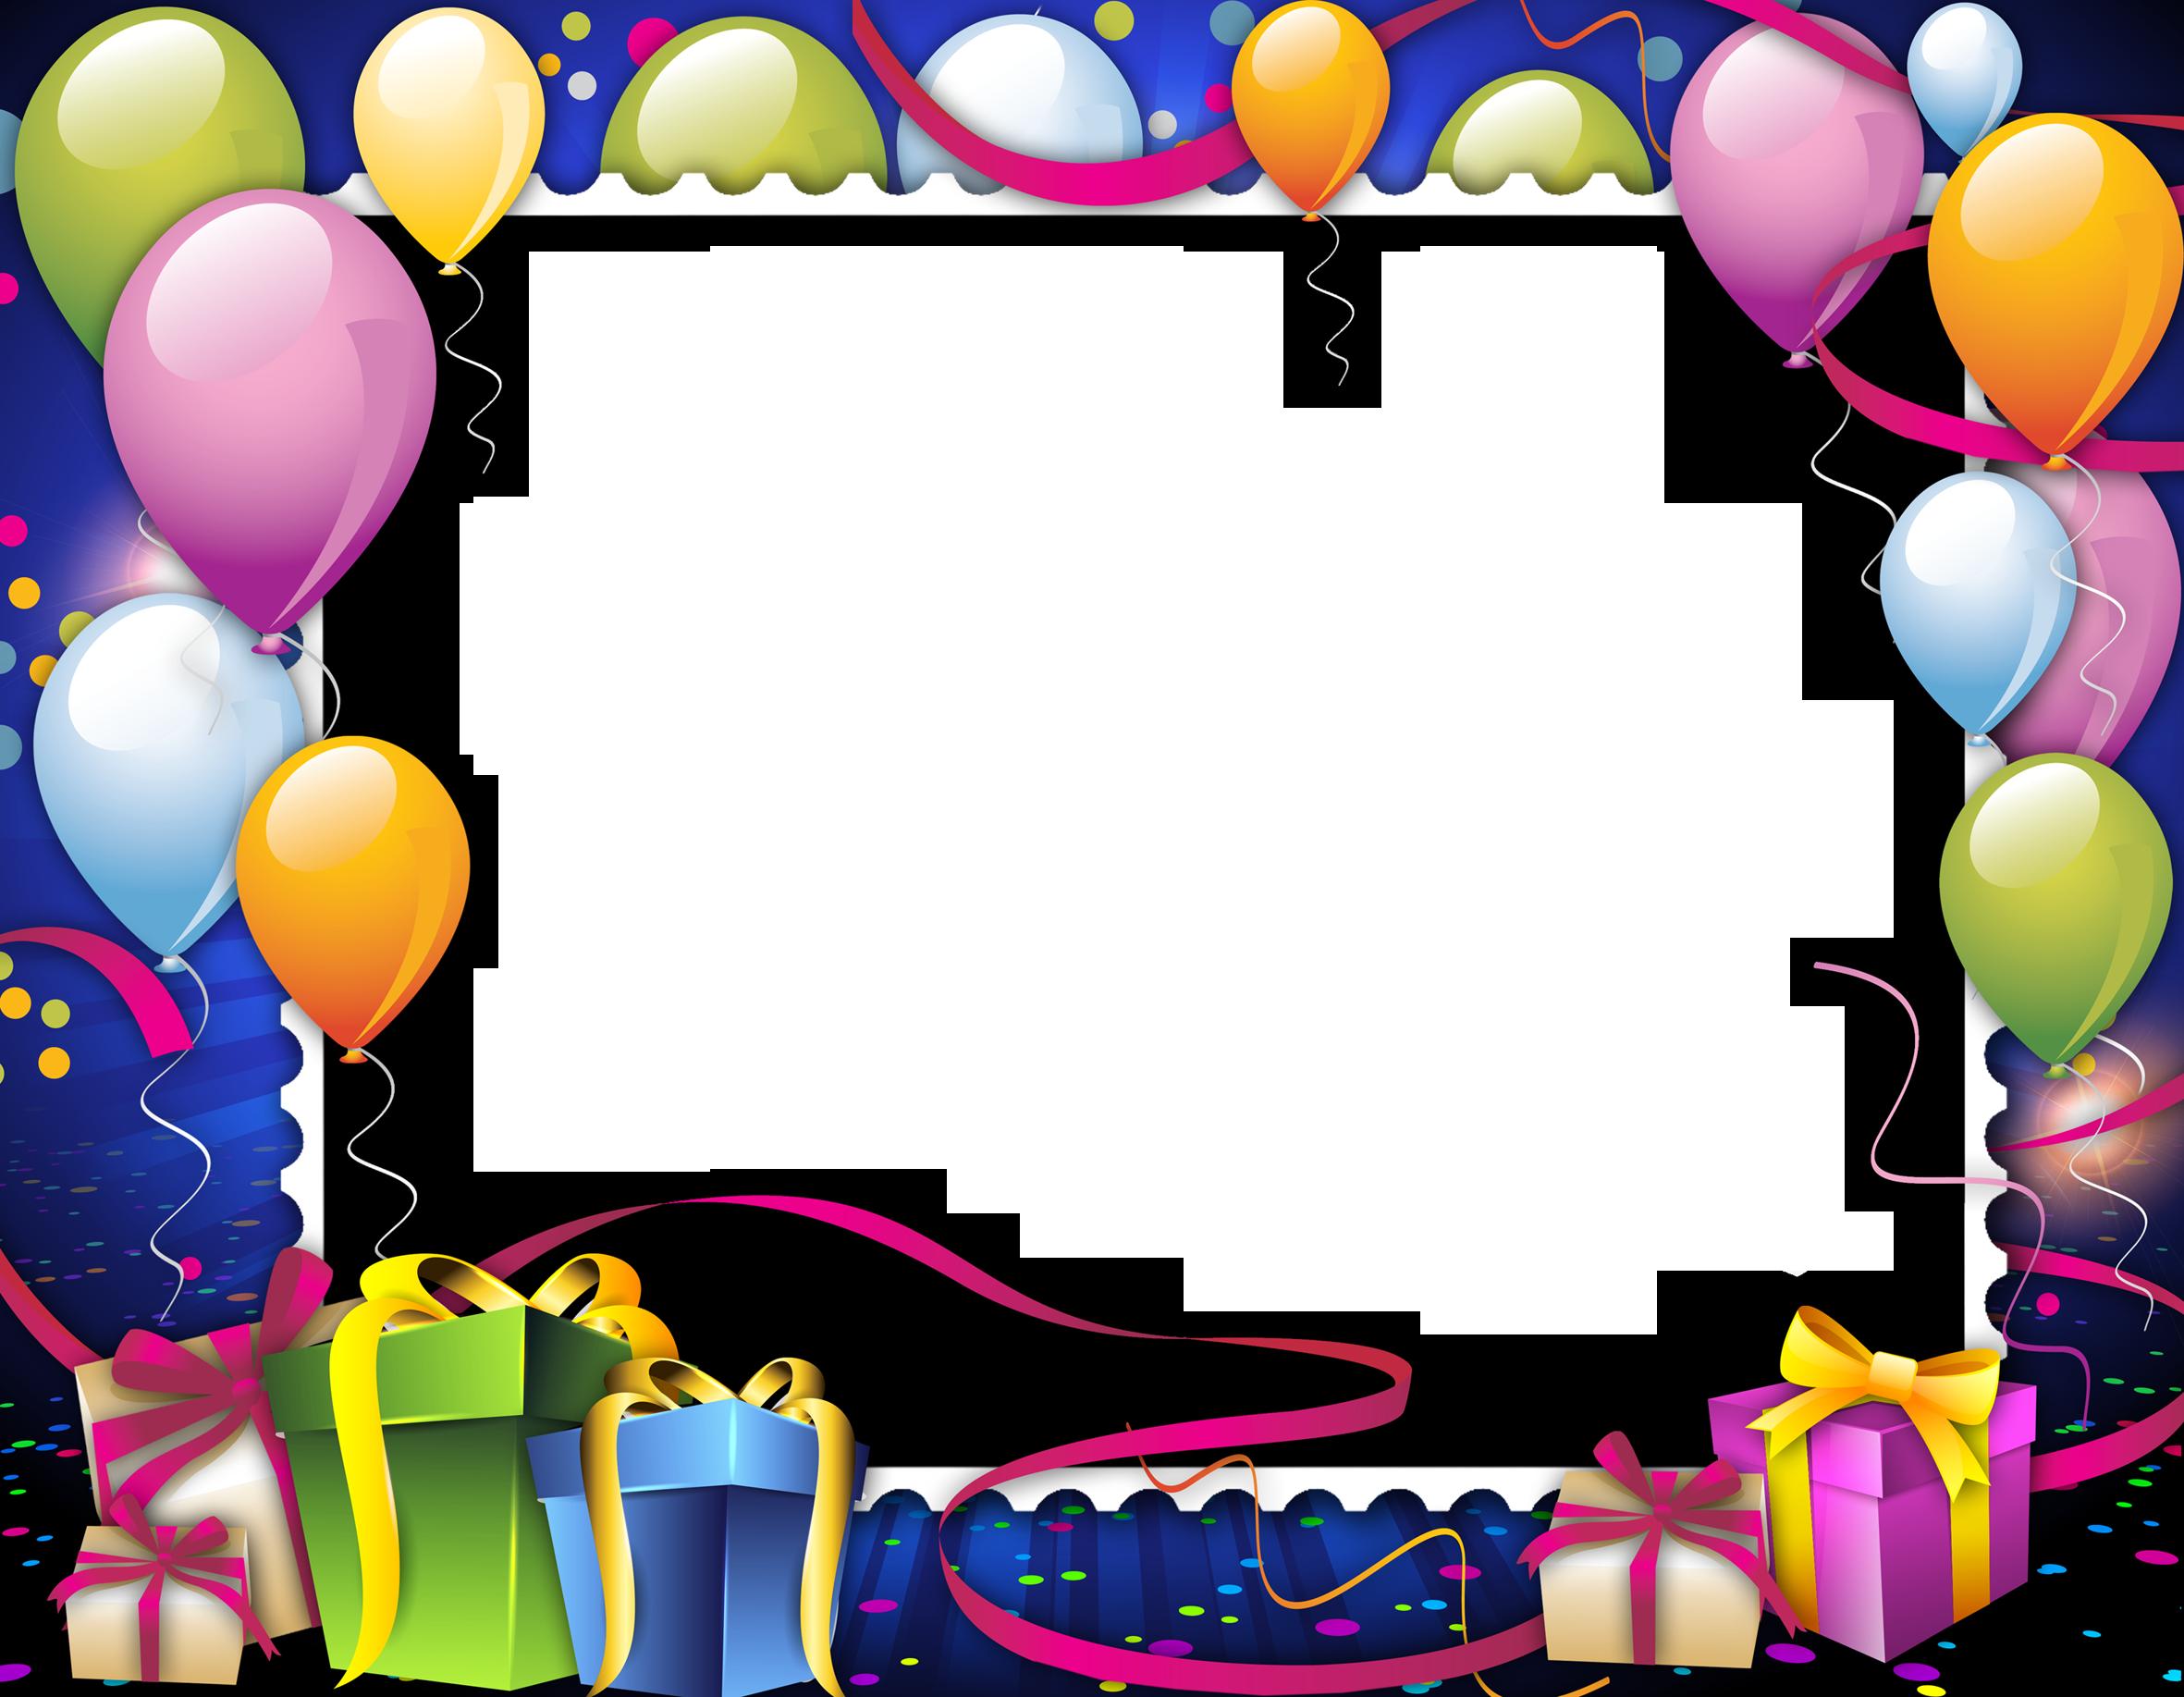 праздничные рамки для открытки с днем рождения пару